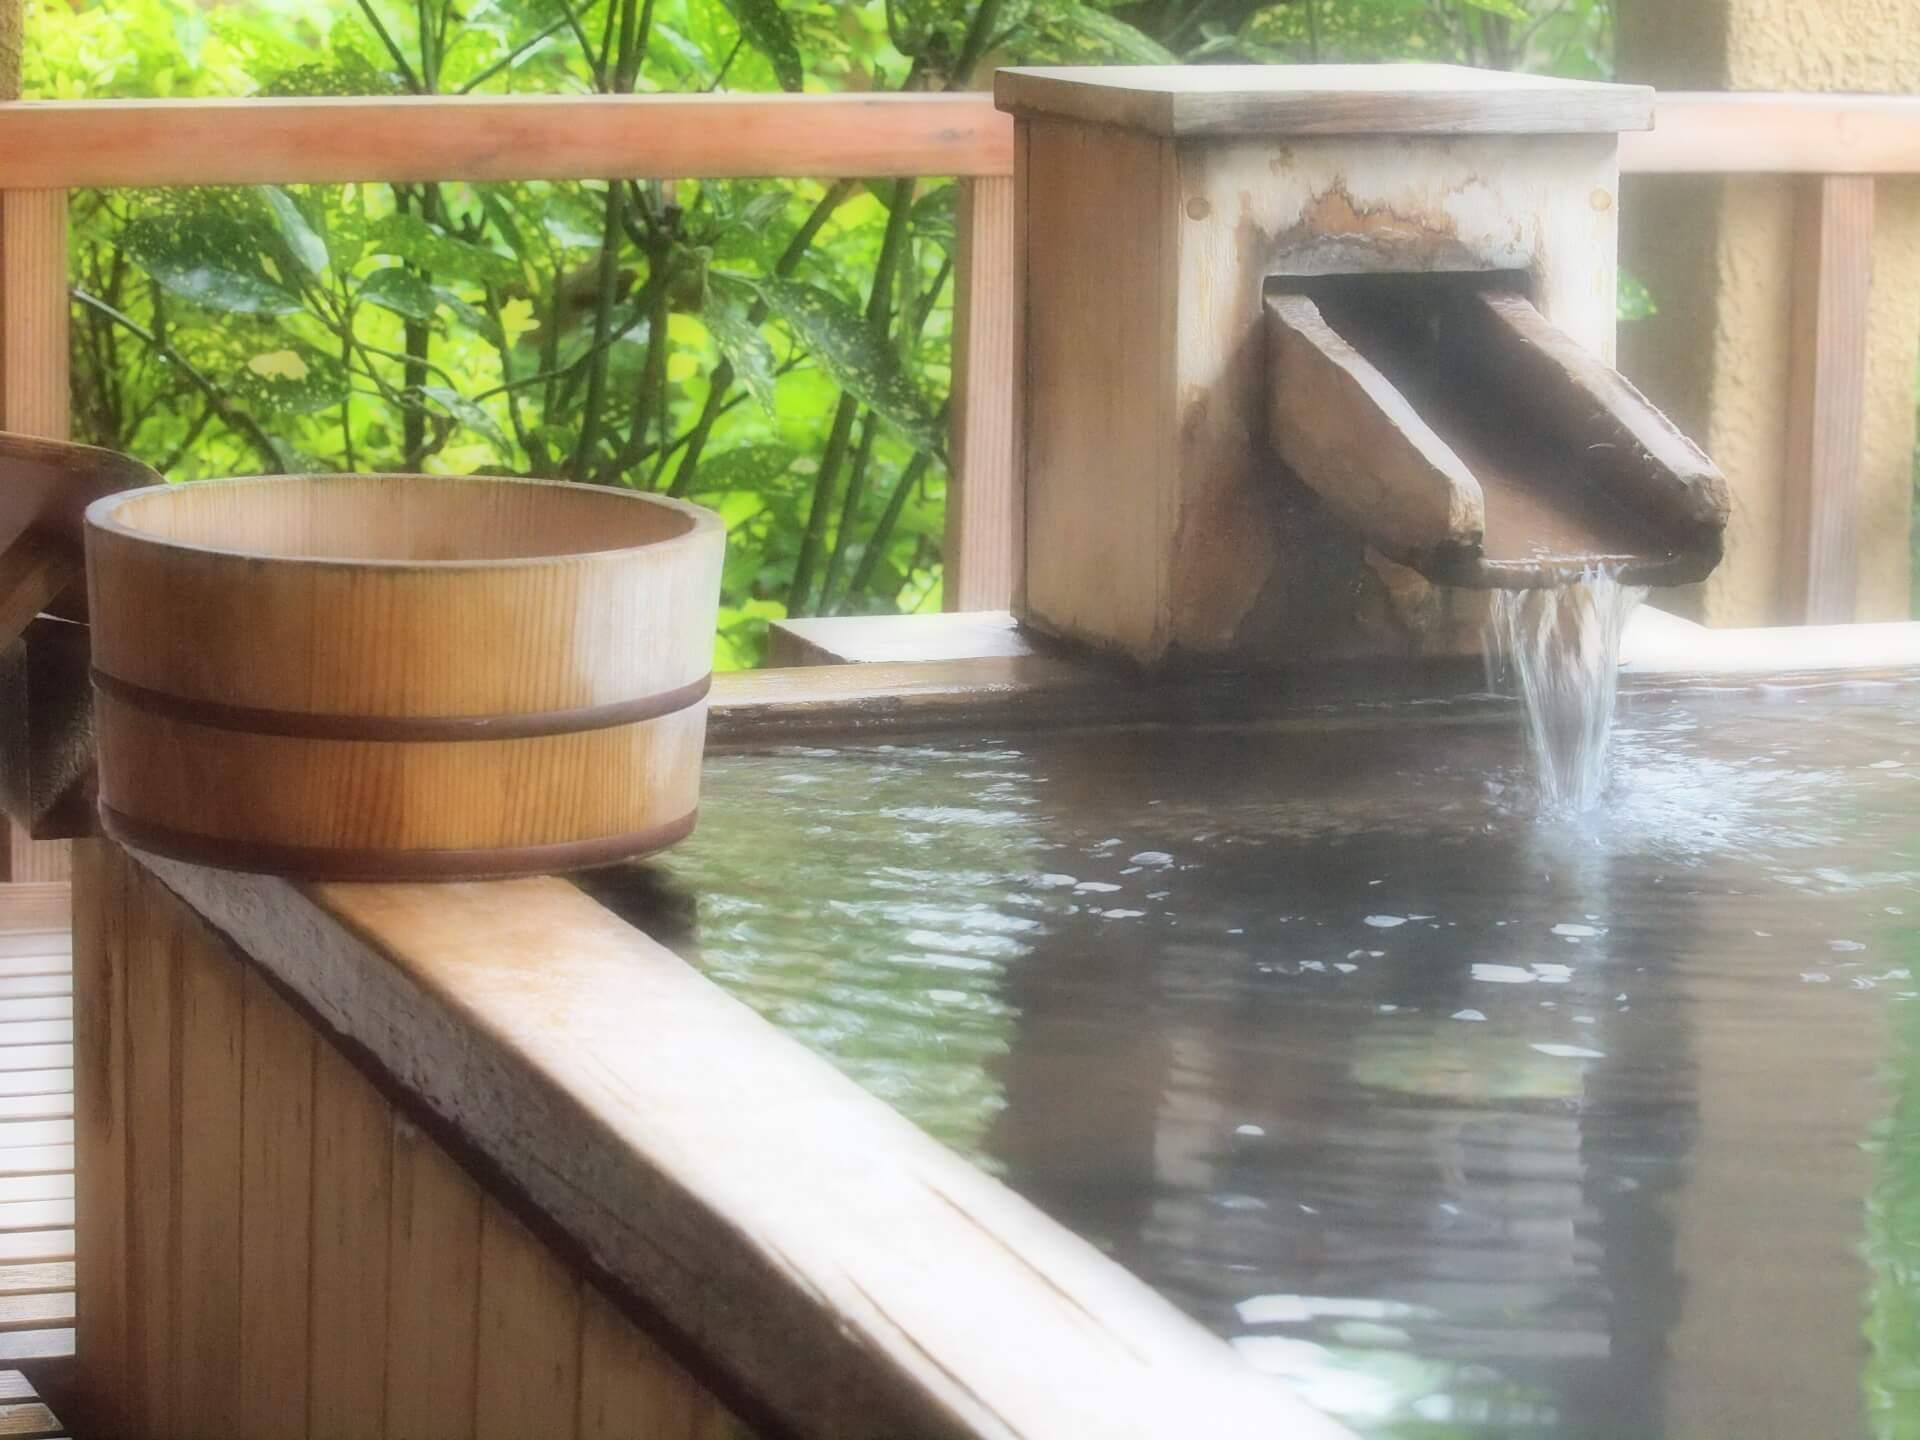 北陸新幹線に乗って温泉旅行はいかが?加賀百万石の城下町散策の旅